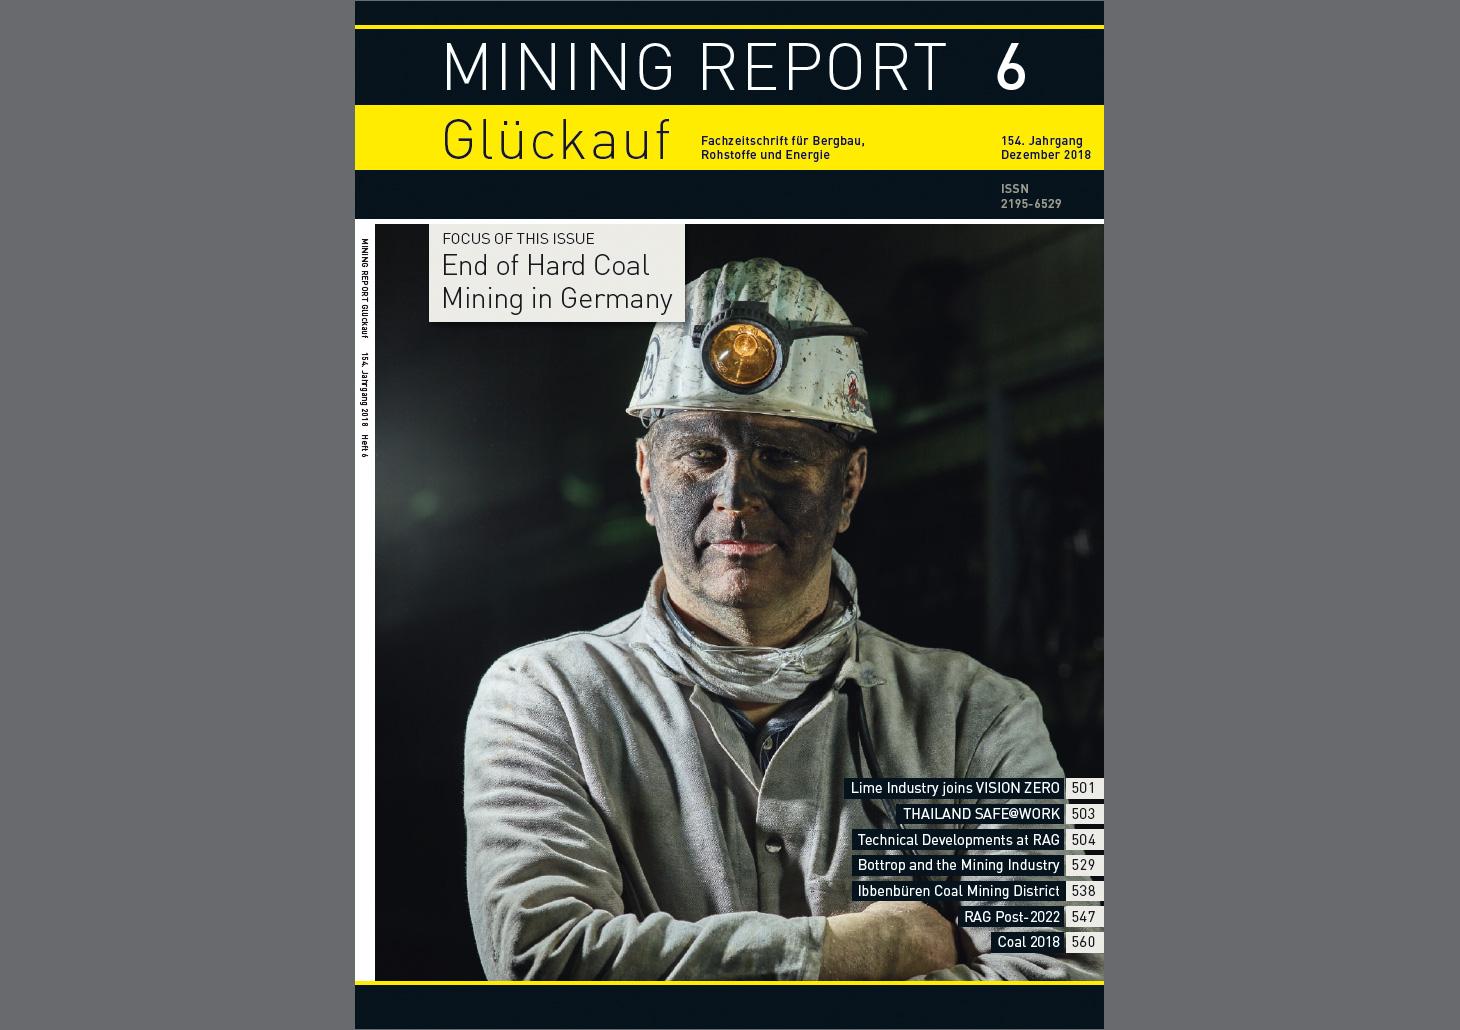 Bergbau seit mehr als 150 Jahren im Fachmagazin Mining Report